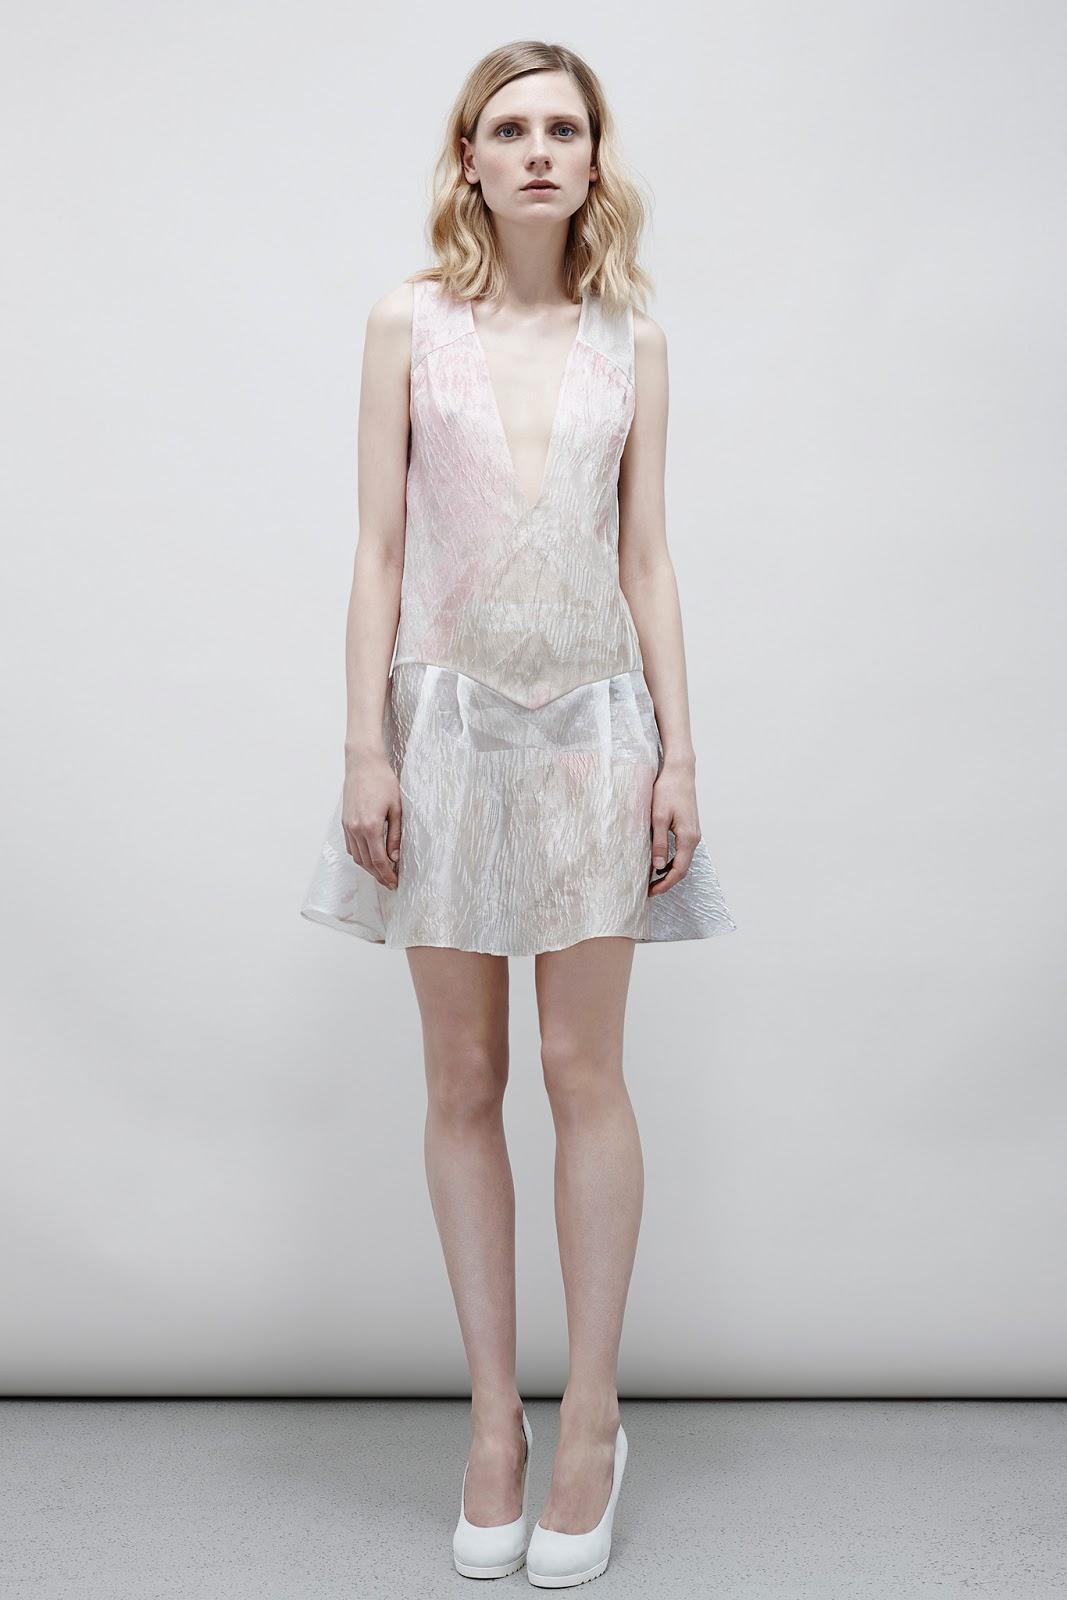 Jill Stuart Dresses 2014